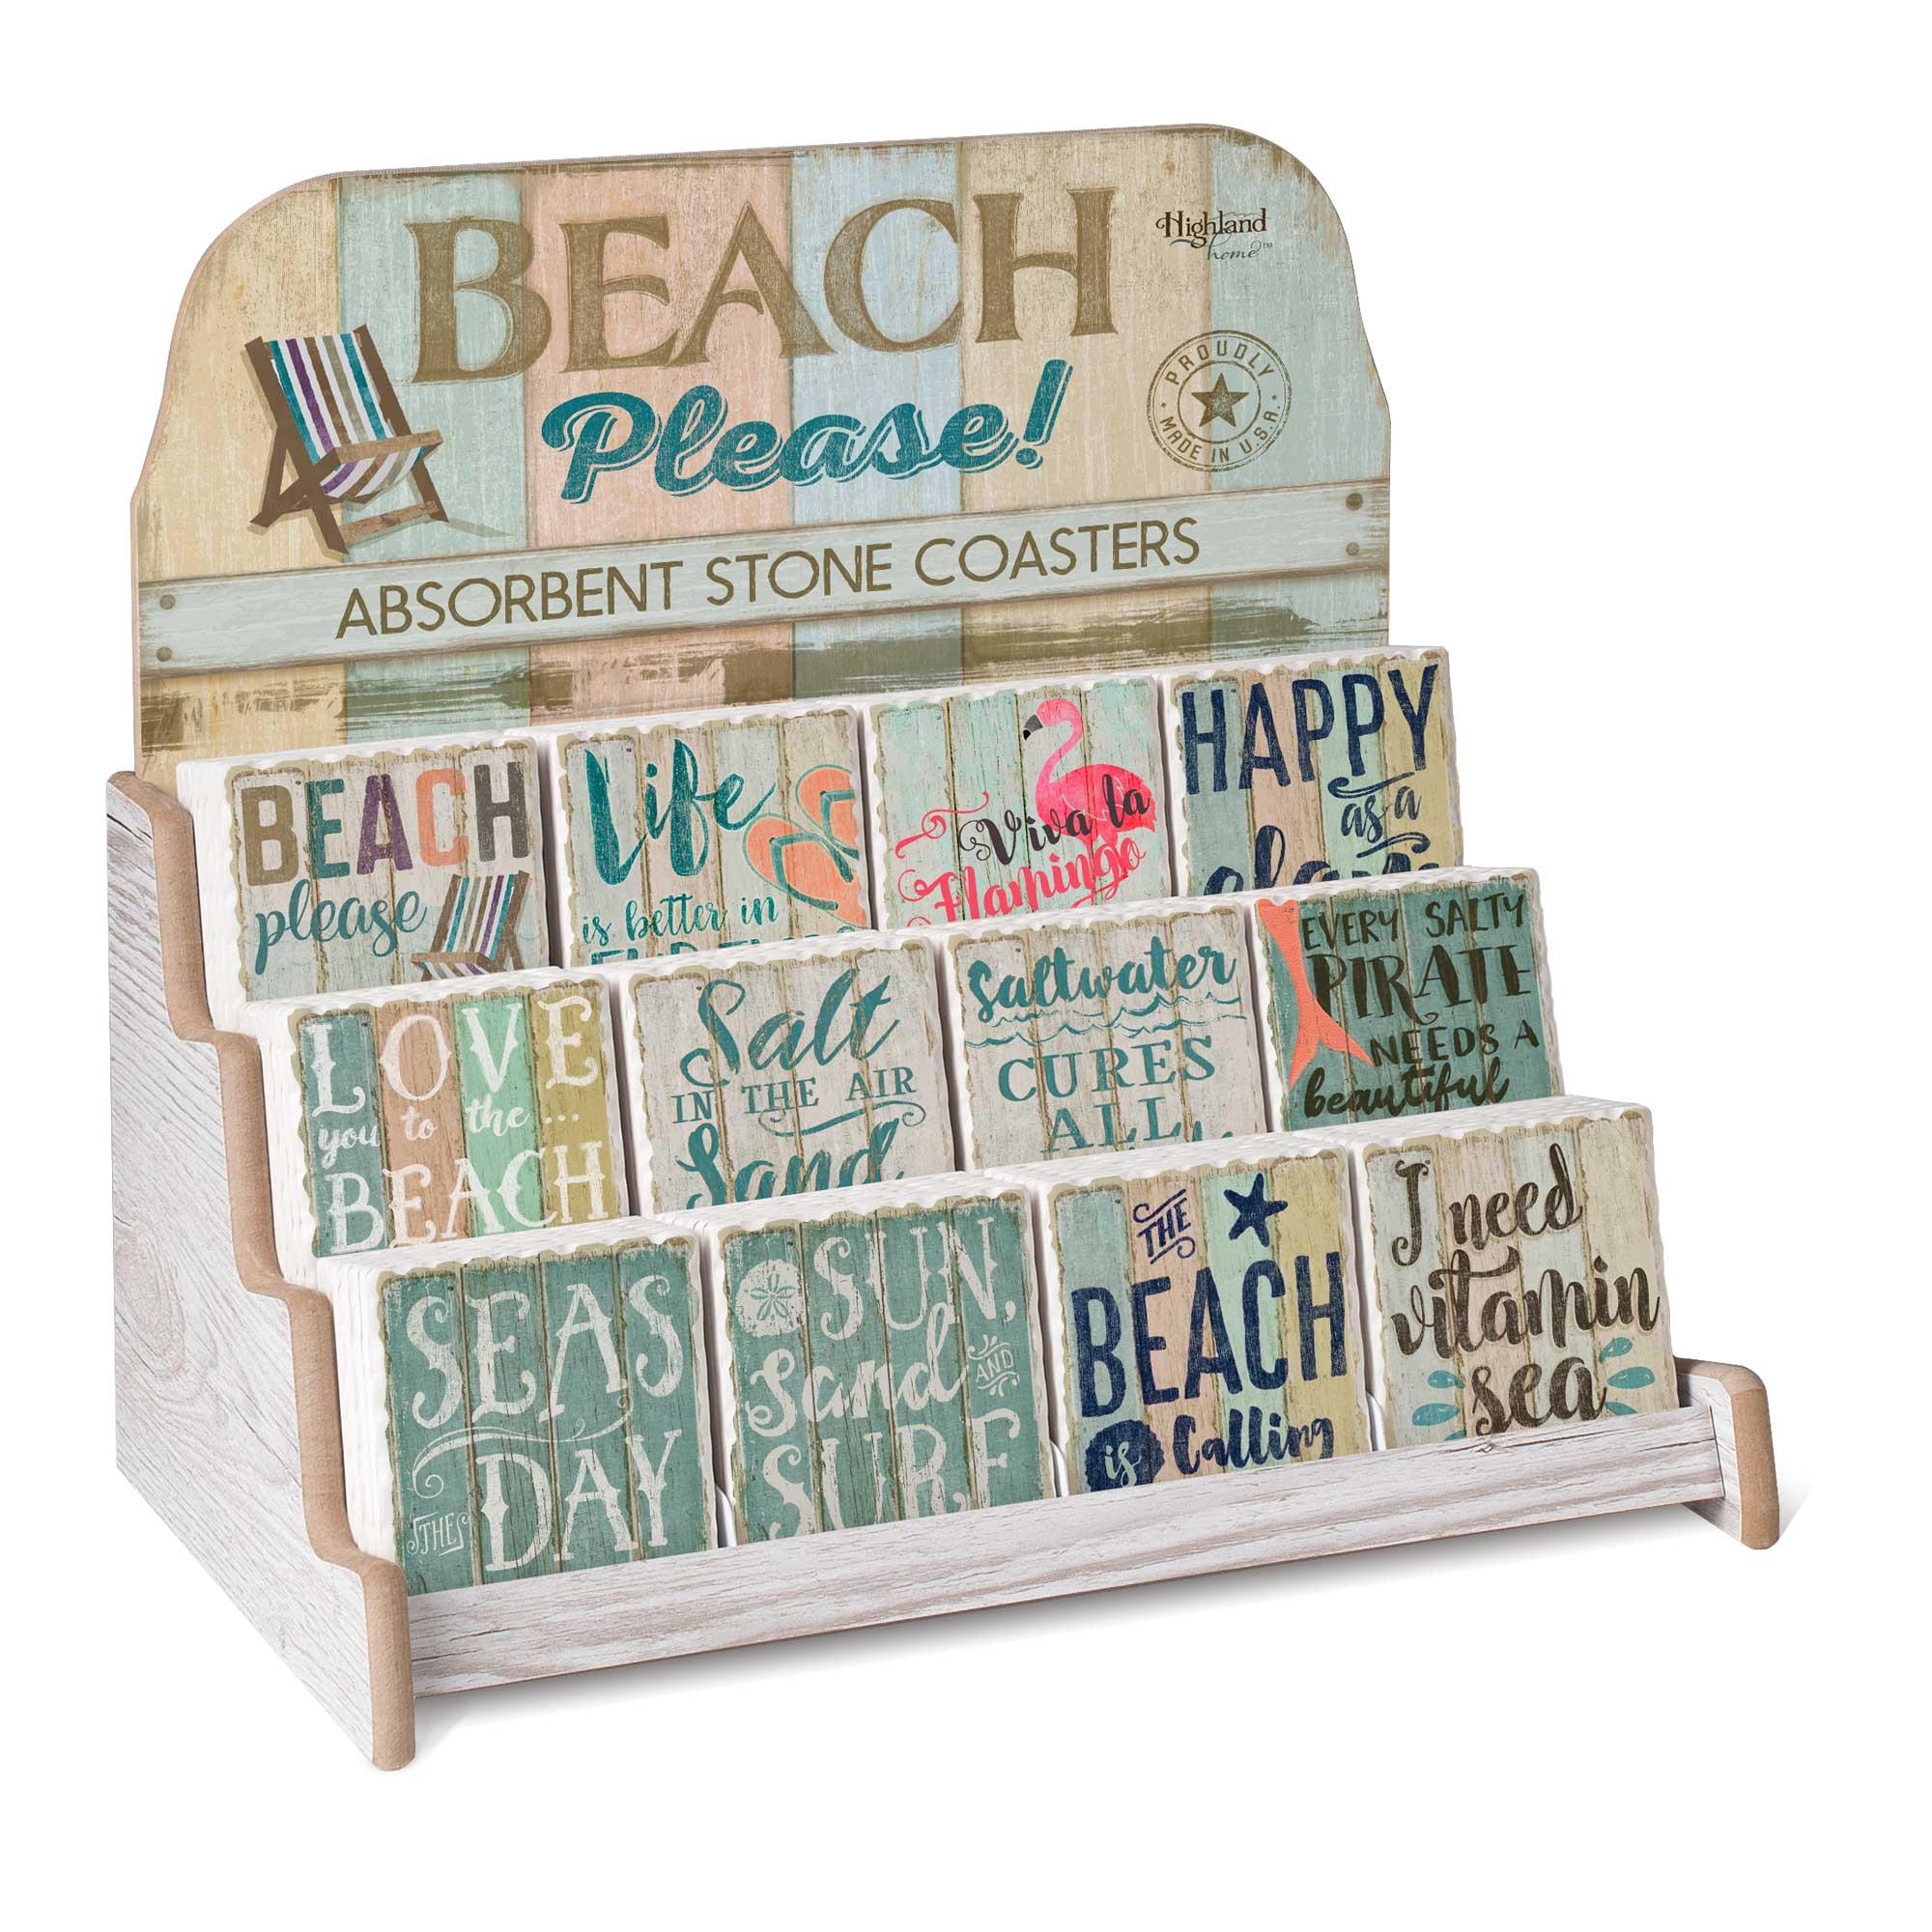 Single Tile Coaster Collection - Beach Please